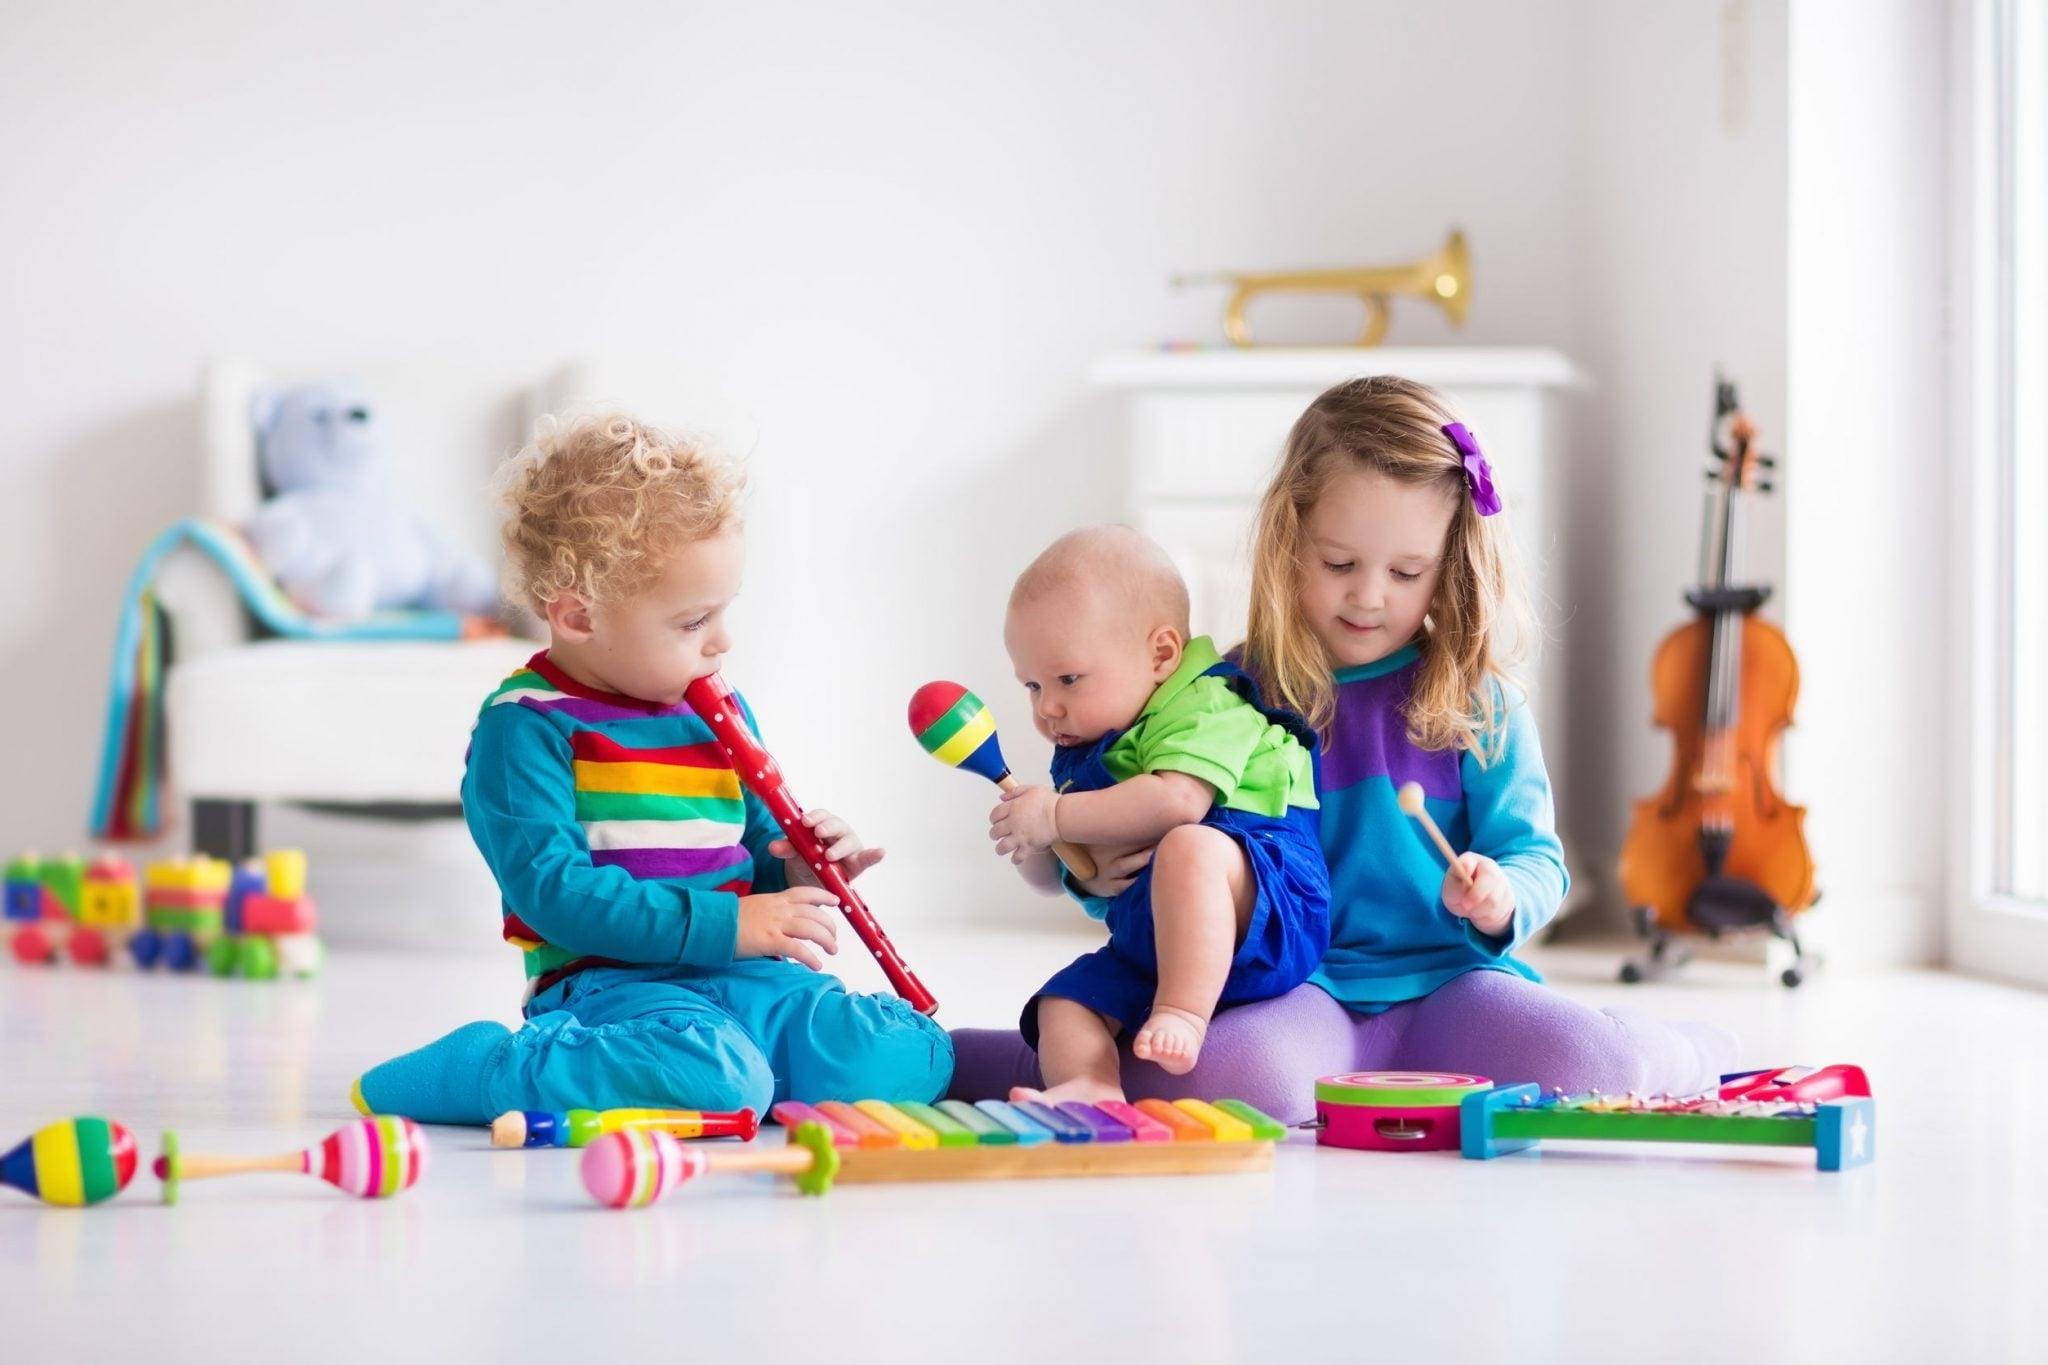 iniciacion musical para niños en Valencia - niños con instrumentos